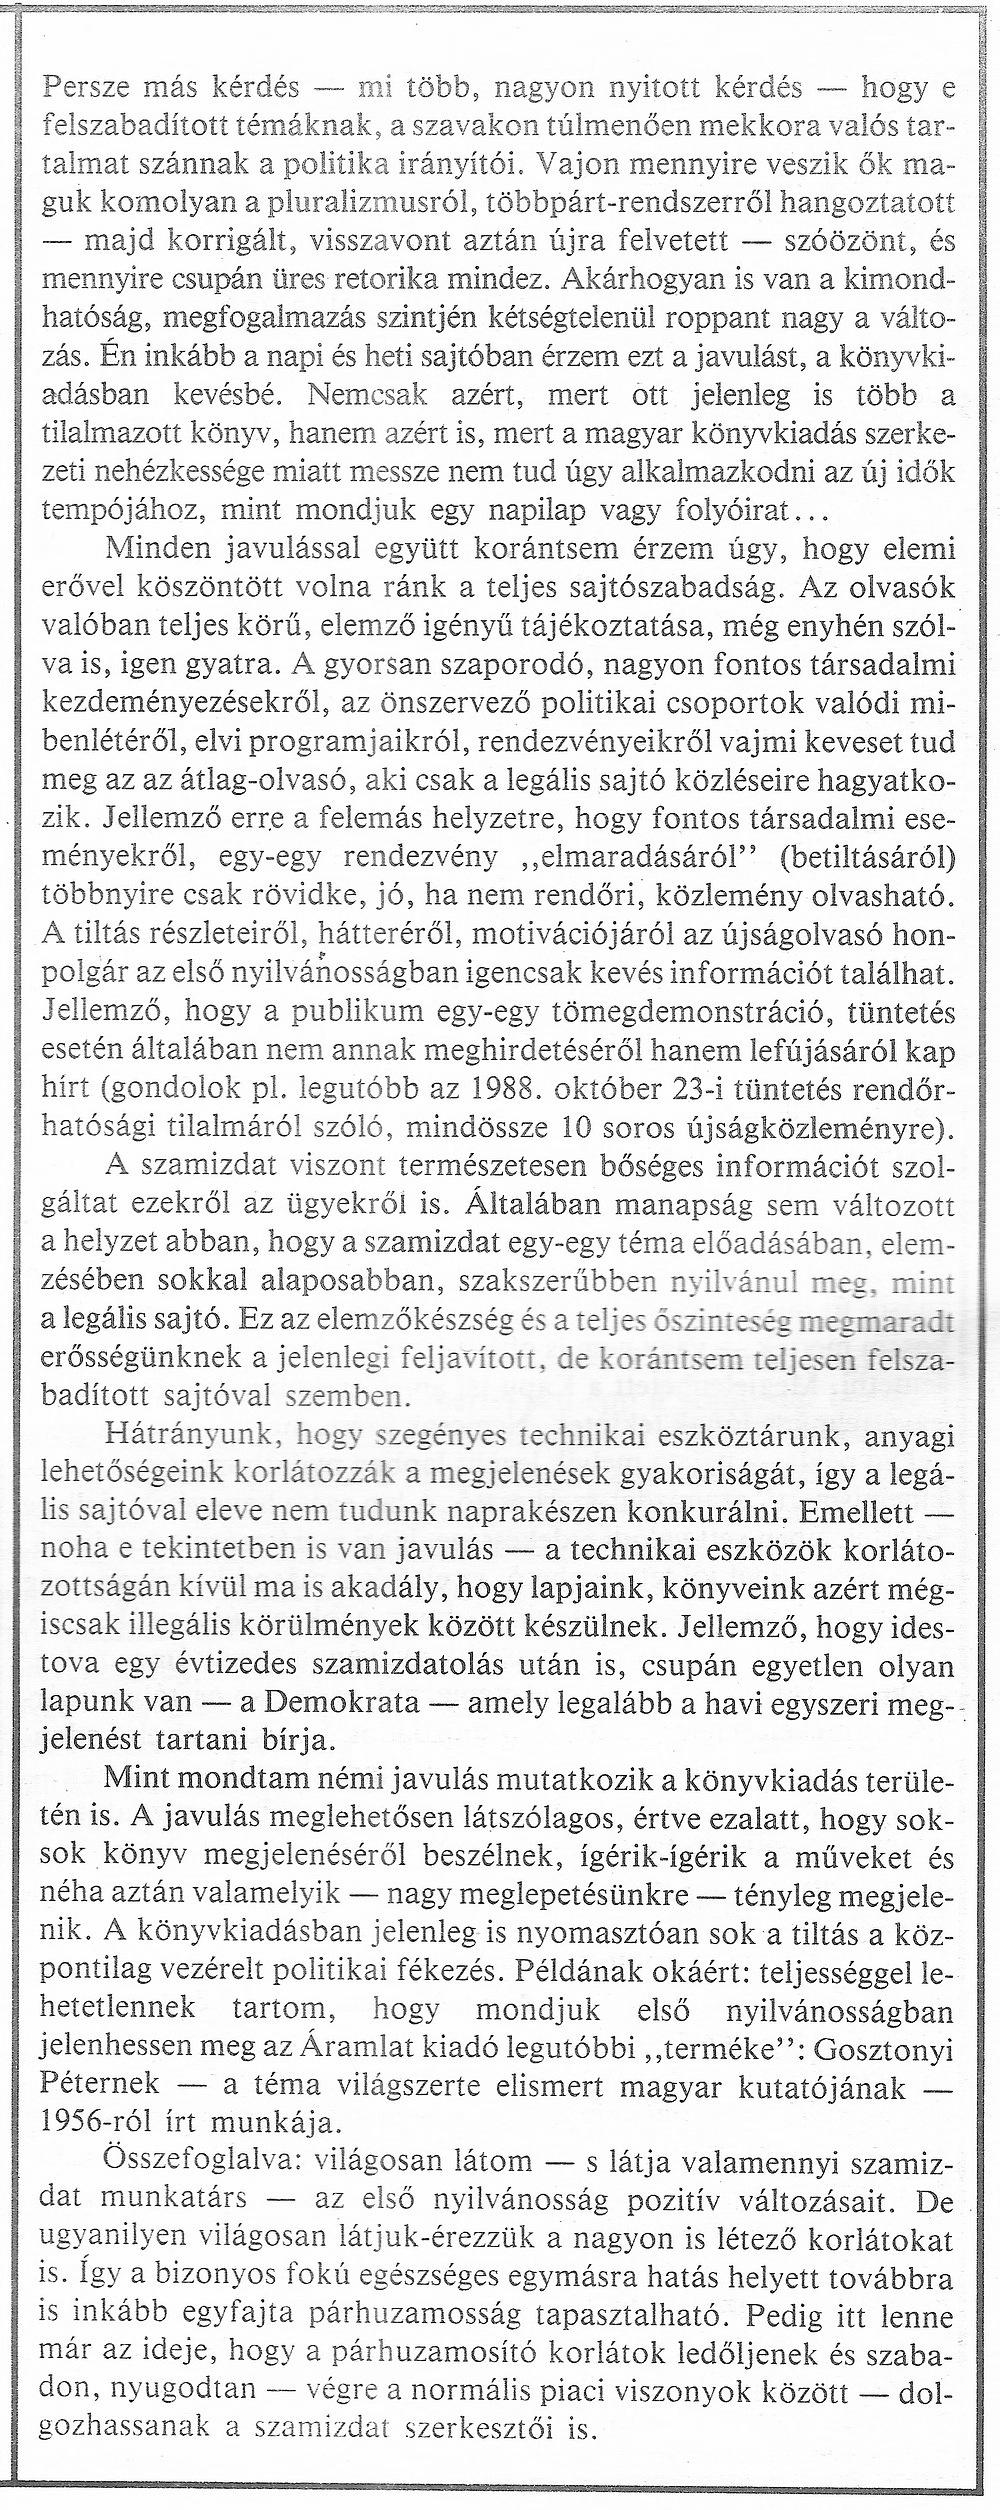 kapu-aramlat-3